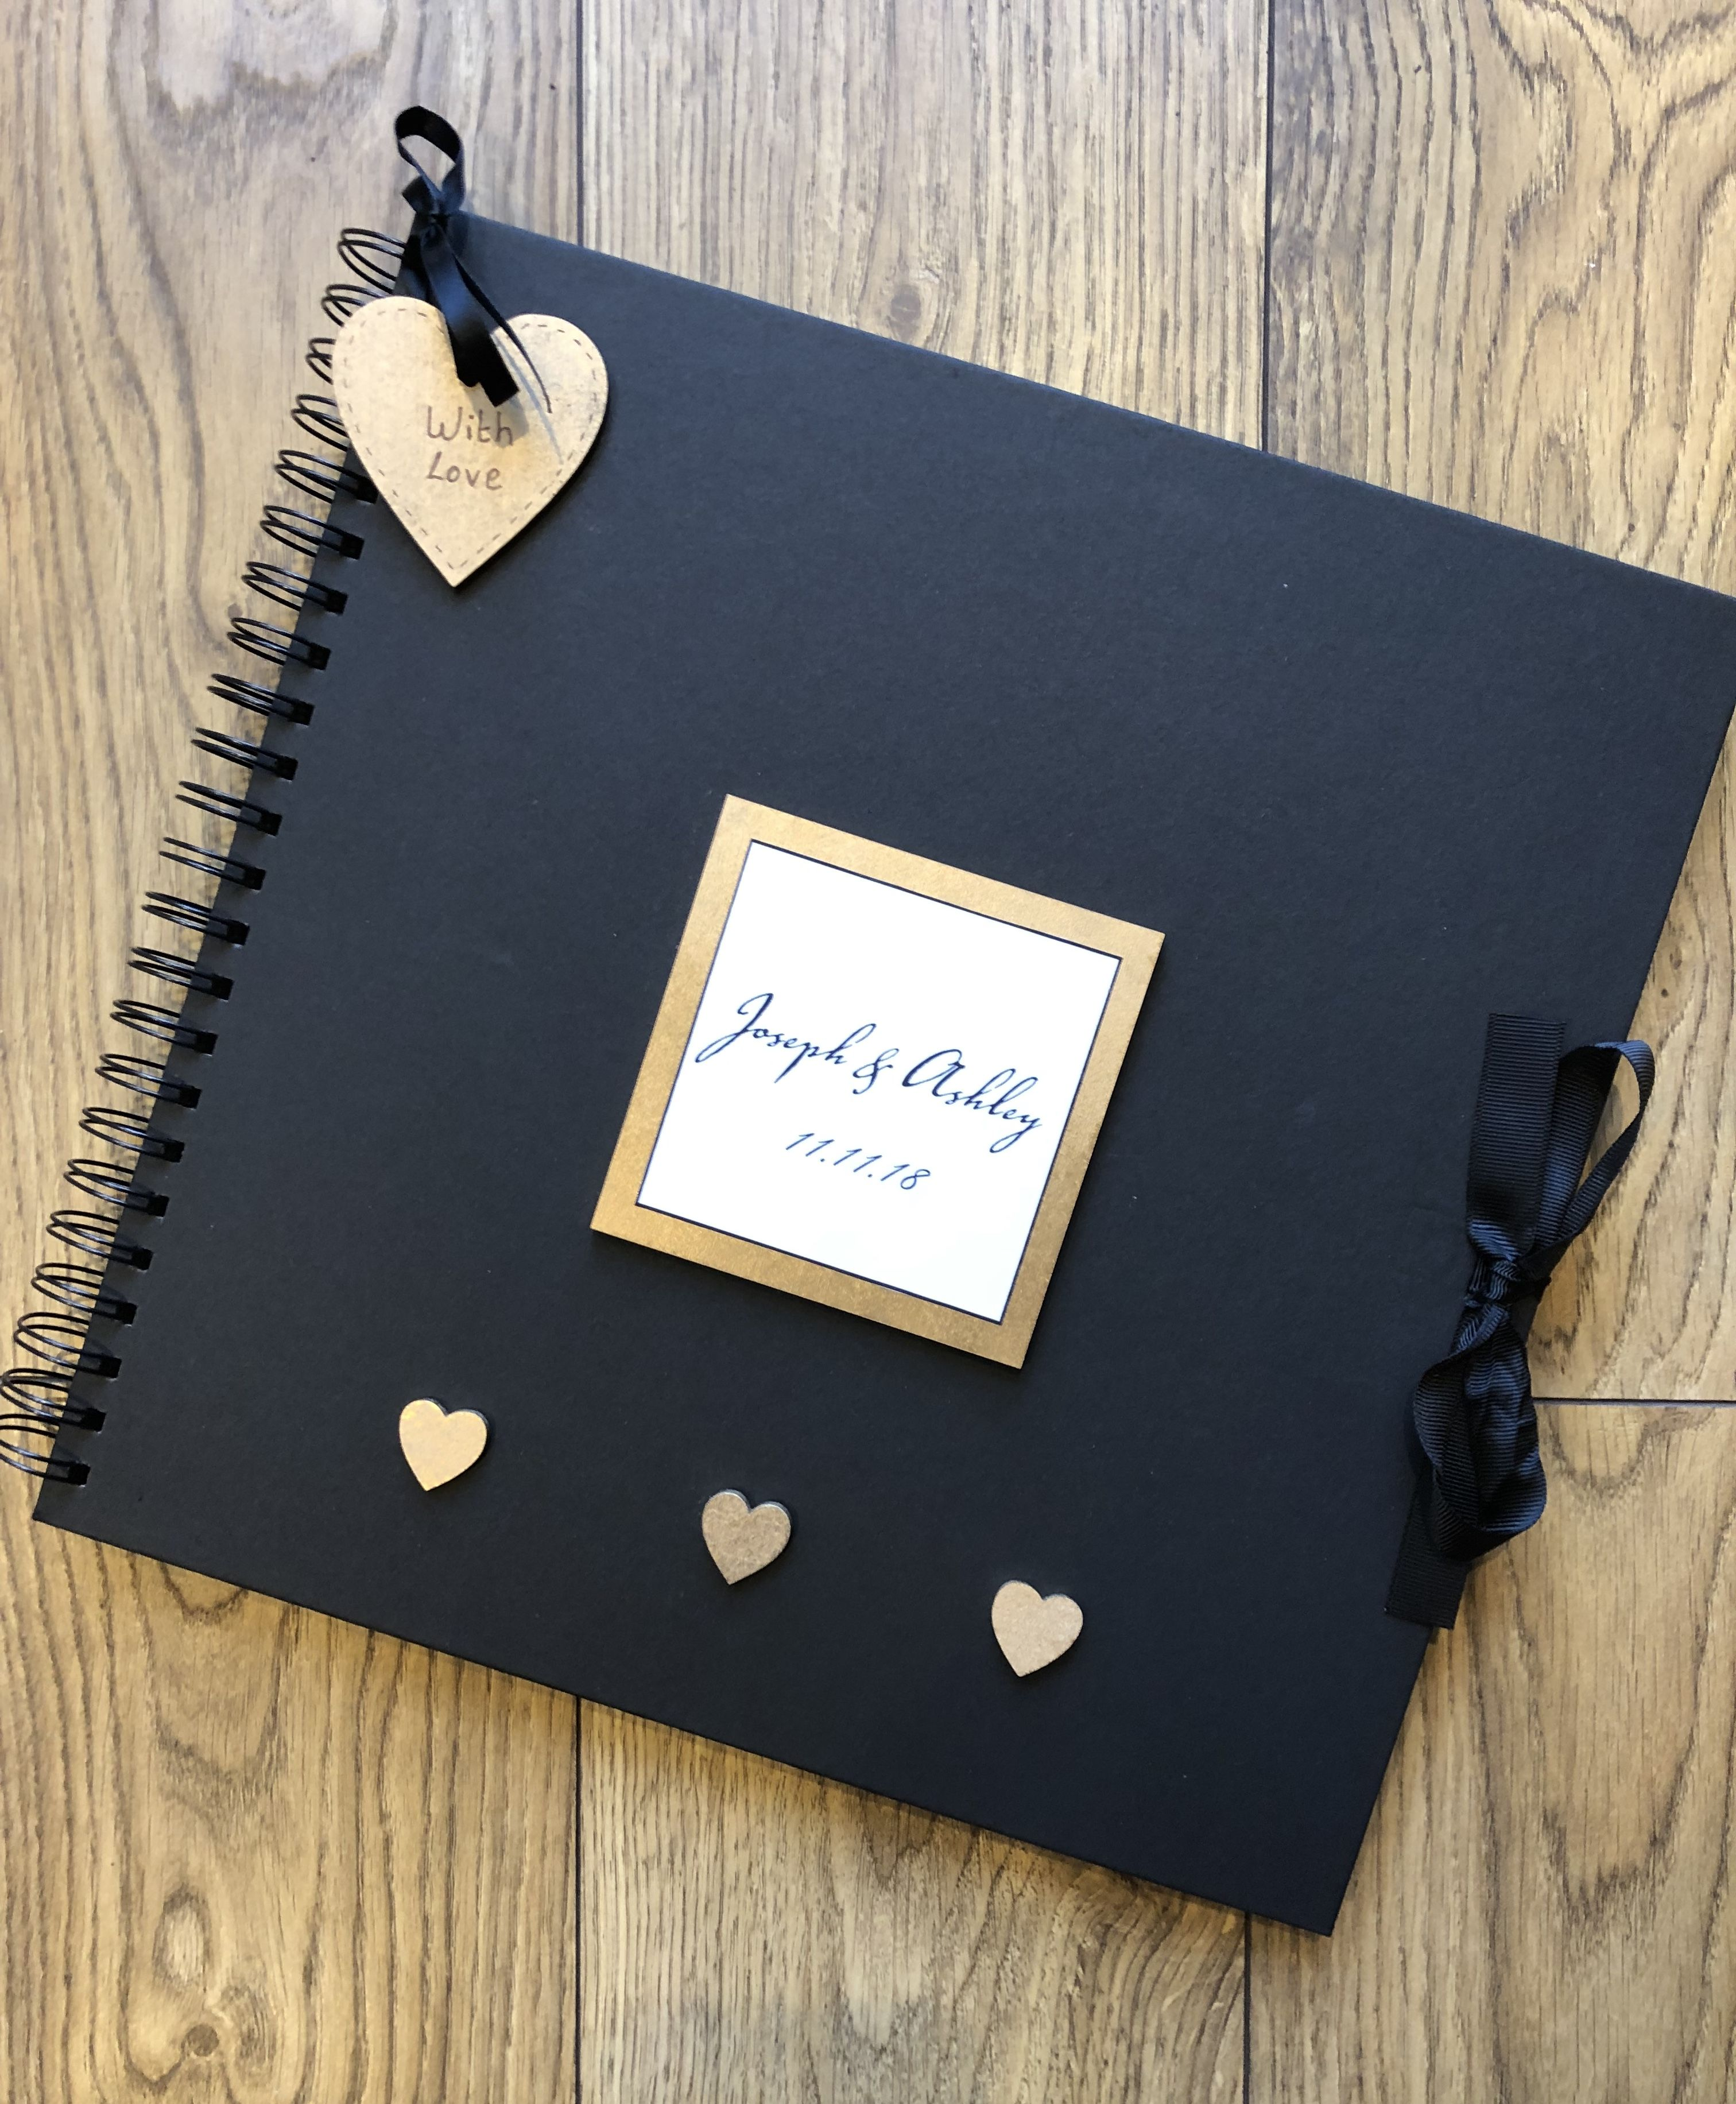 Wedding Engagement Album In 2020 Scrapbook Gift Photo Album Scrapbooking Photo Album Diy